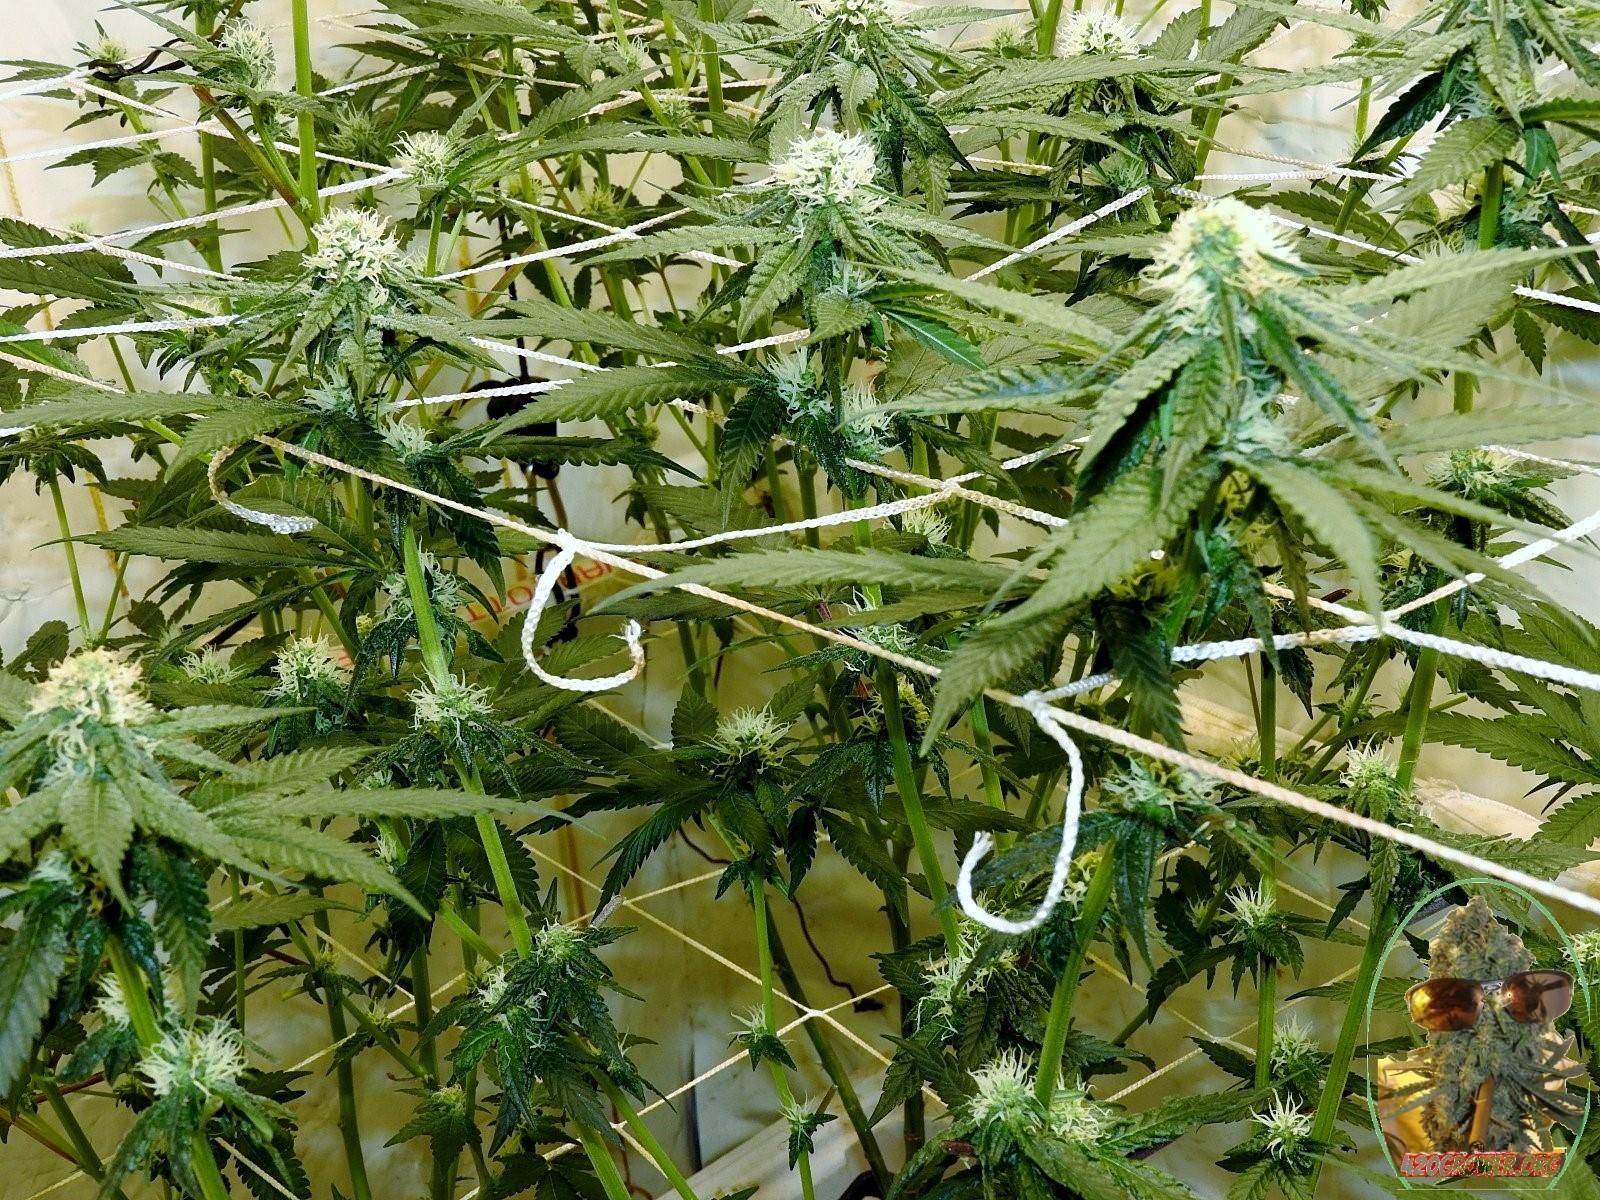 leaf stripping cannabis